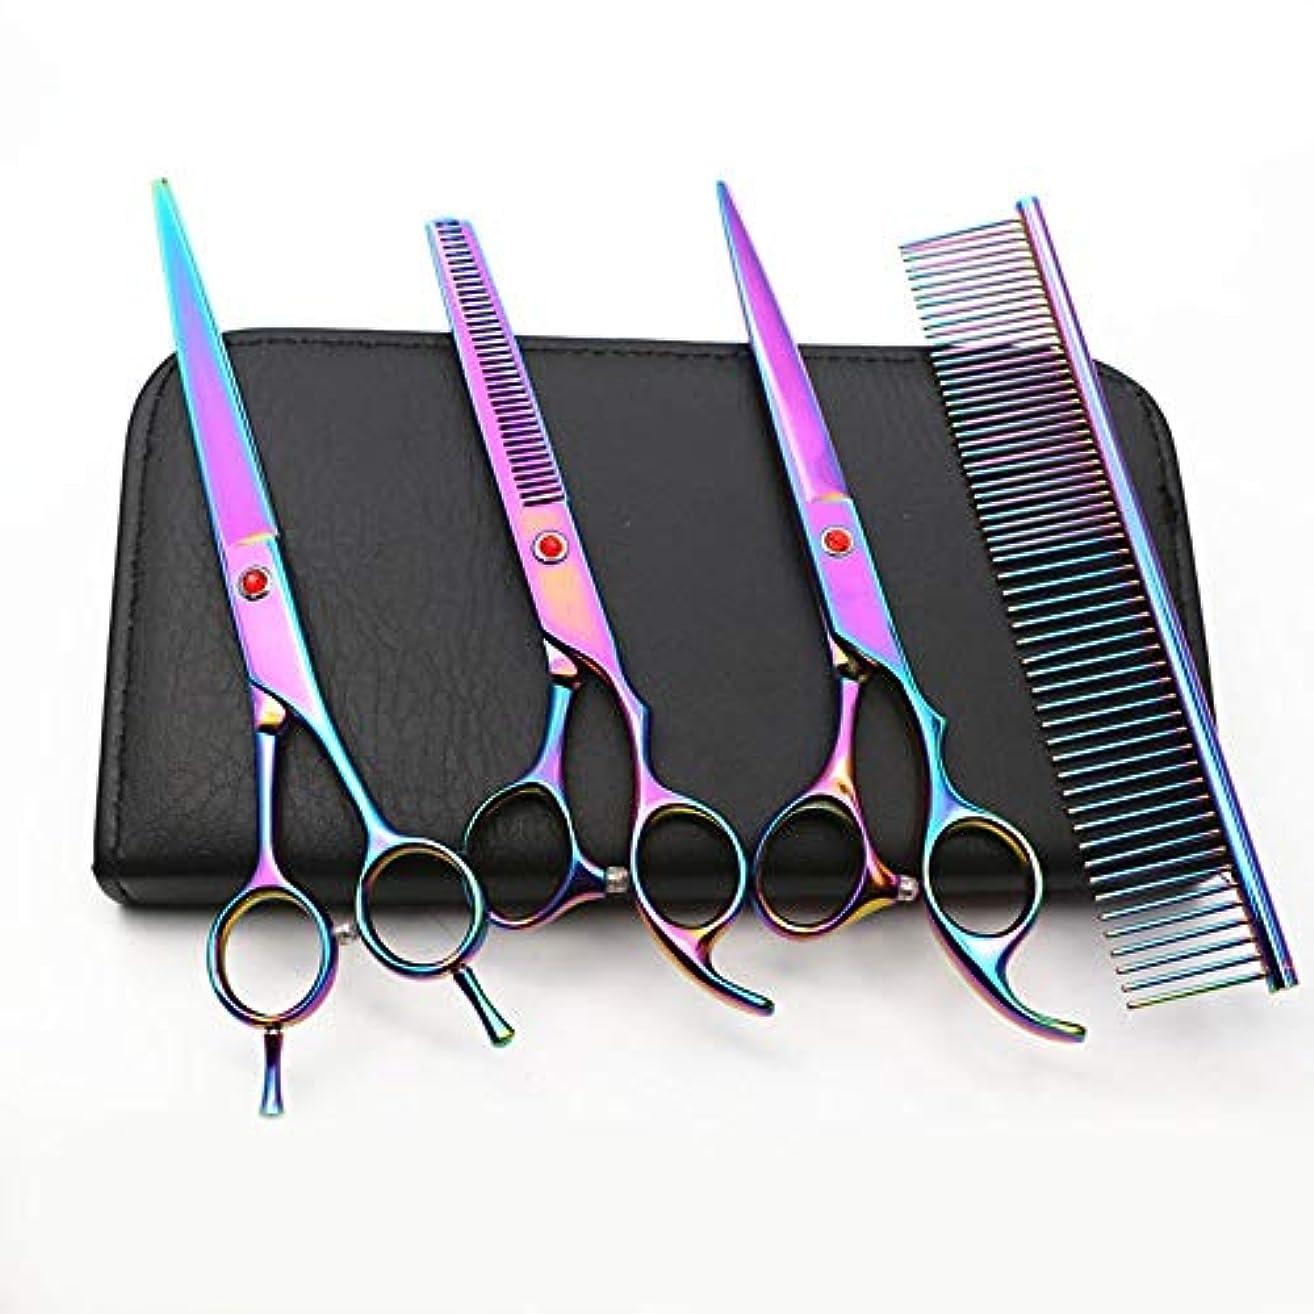 摂氏度食い違いミッション多彩なペット曲がるはさみ5部分セット、上限色ペット理髪はさみ モデリングツール (色 : Colors)